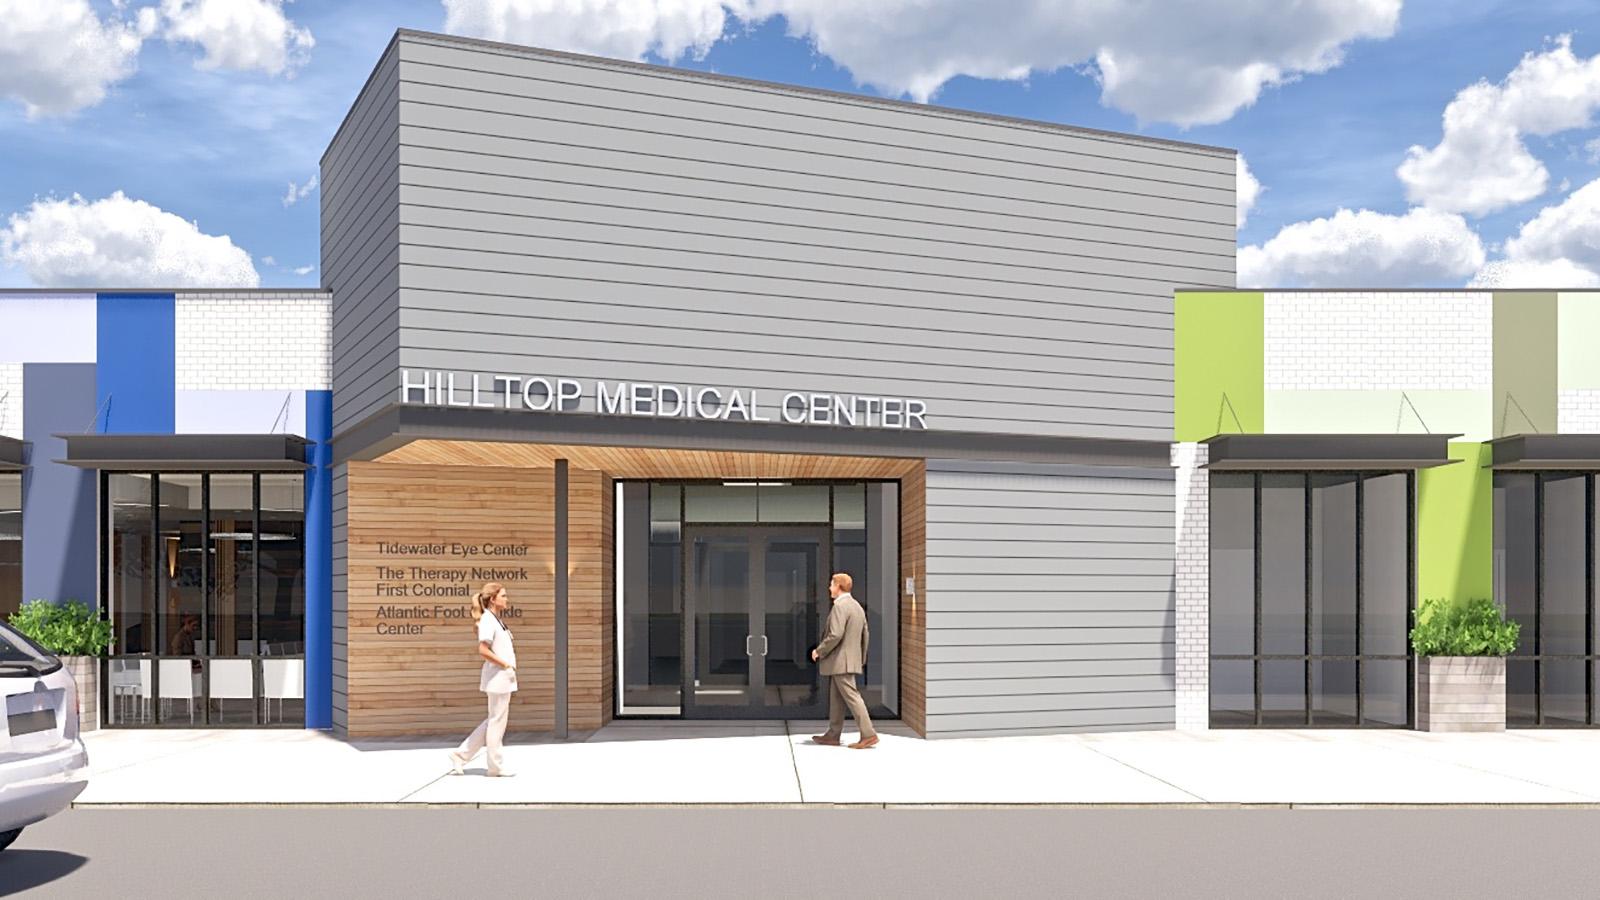 Hilltop Medical Center Mockup